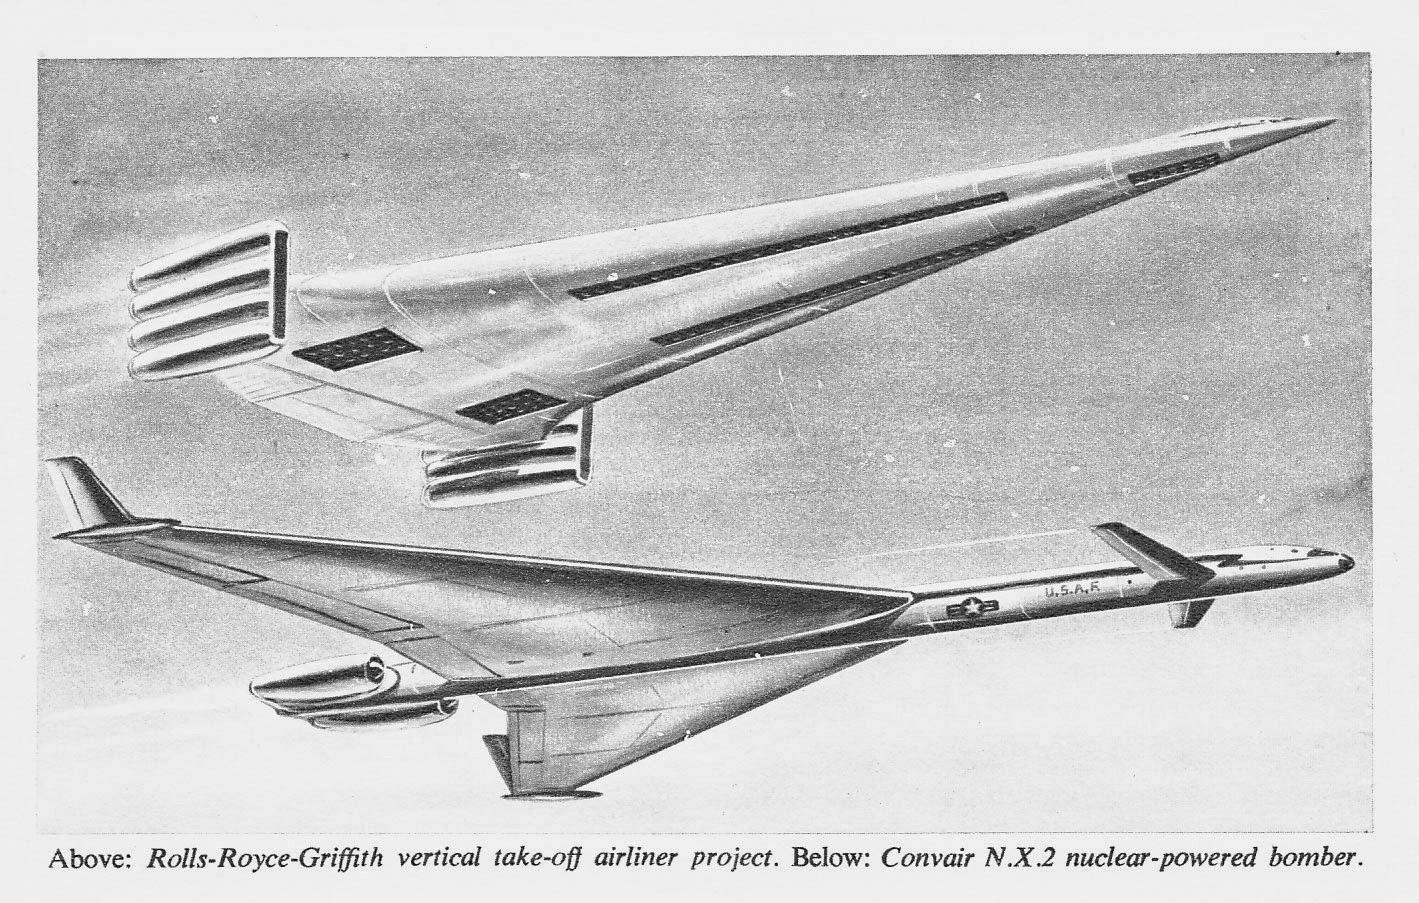 Convair N.X.2 nuclear powered bomber